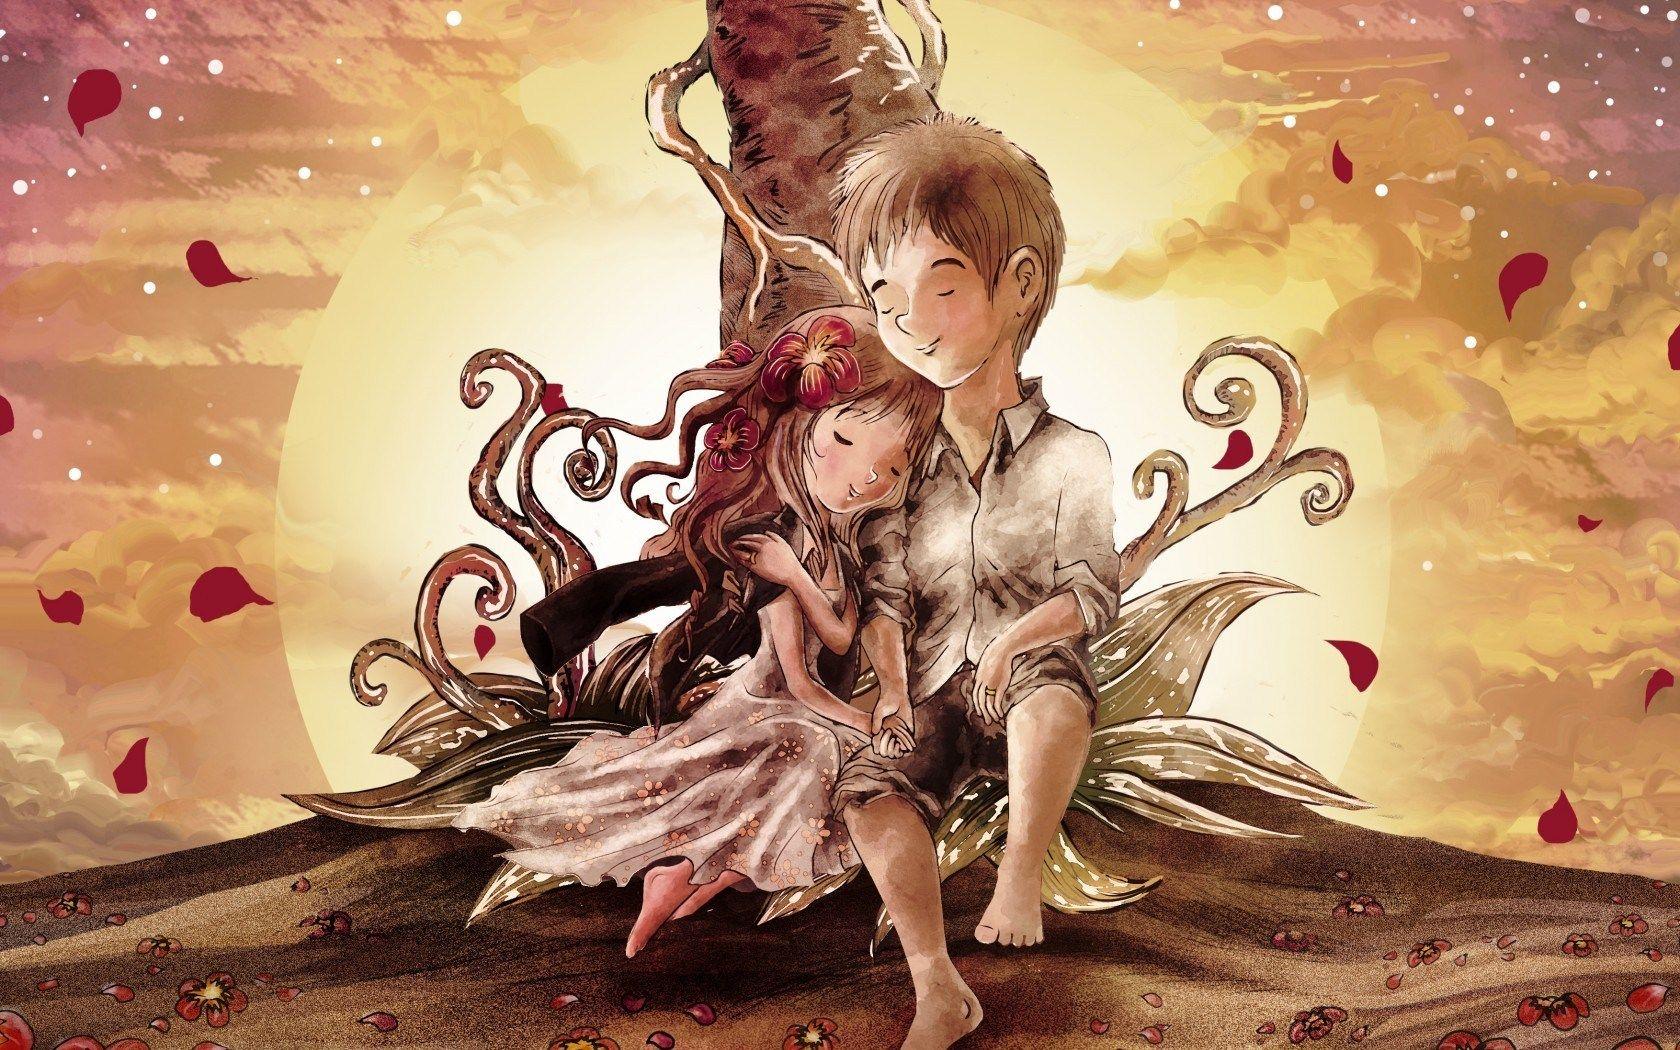 Love couple Art Wallpaper : Boy Girl couple Love Art HD Wallpaper - ZoomWalls Art Inspiration Pinterest Hd wallpaper ...